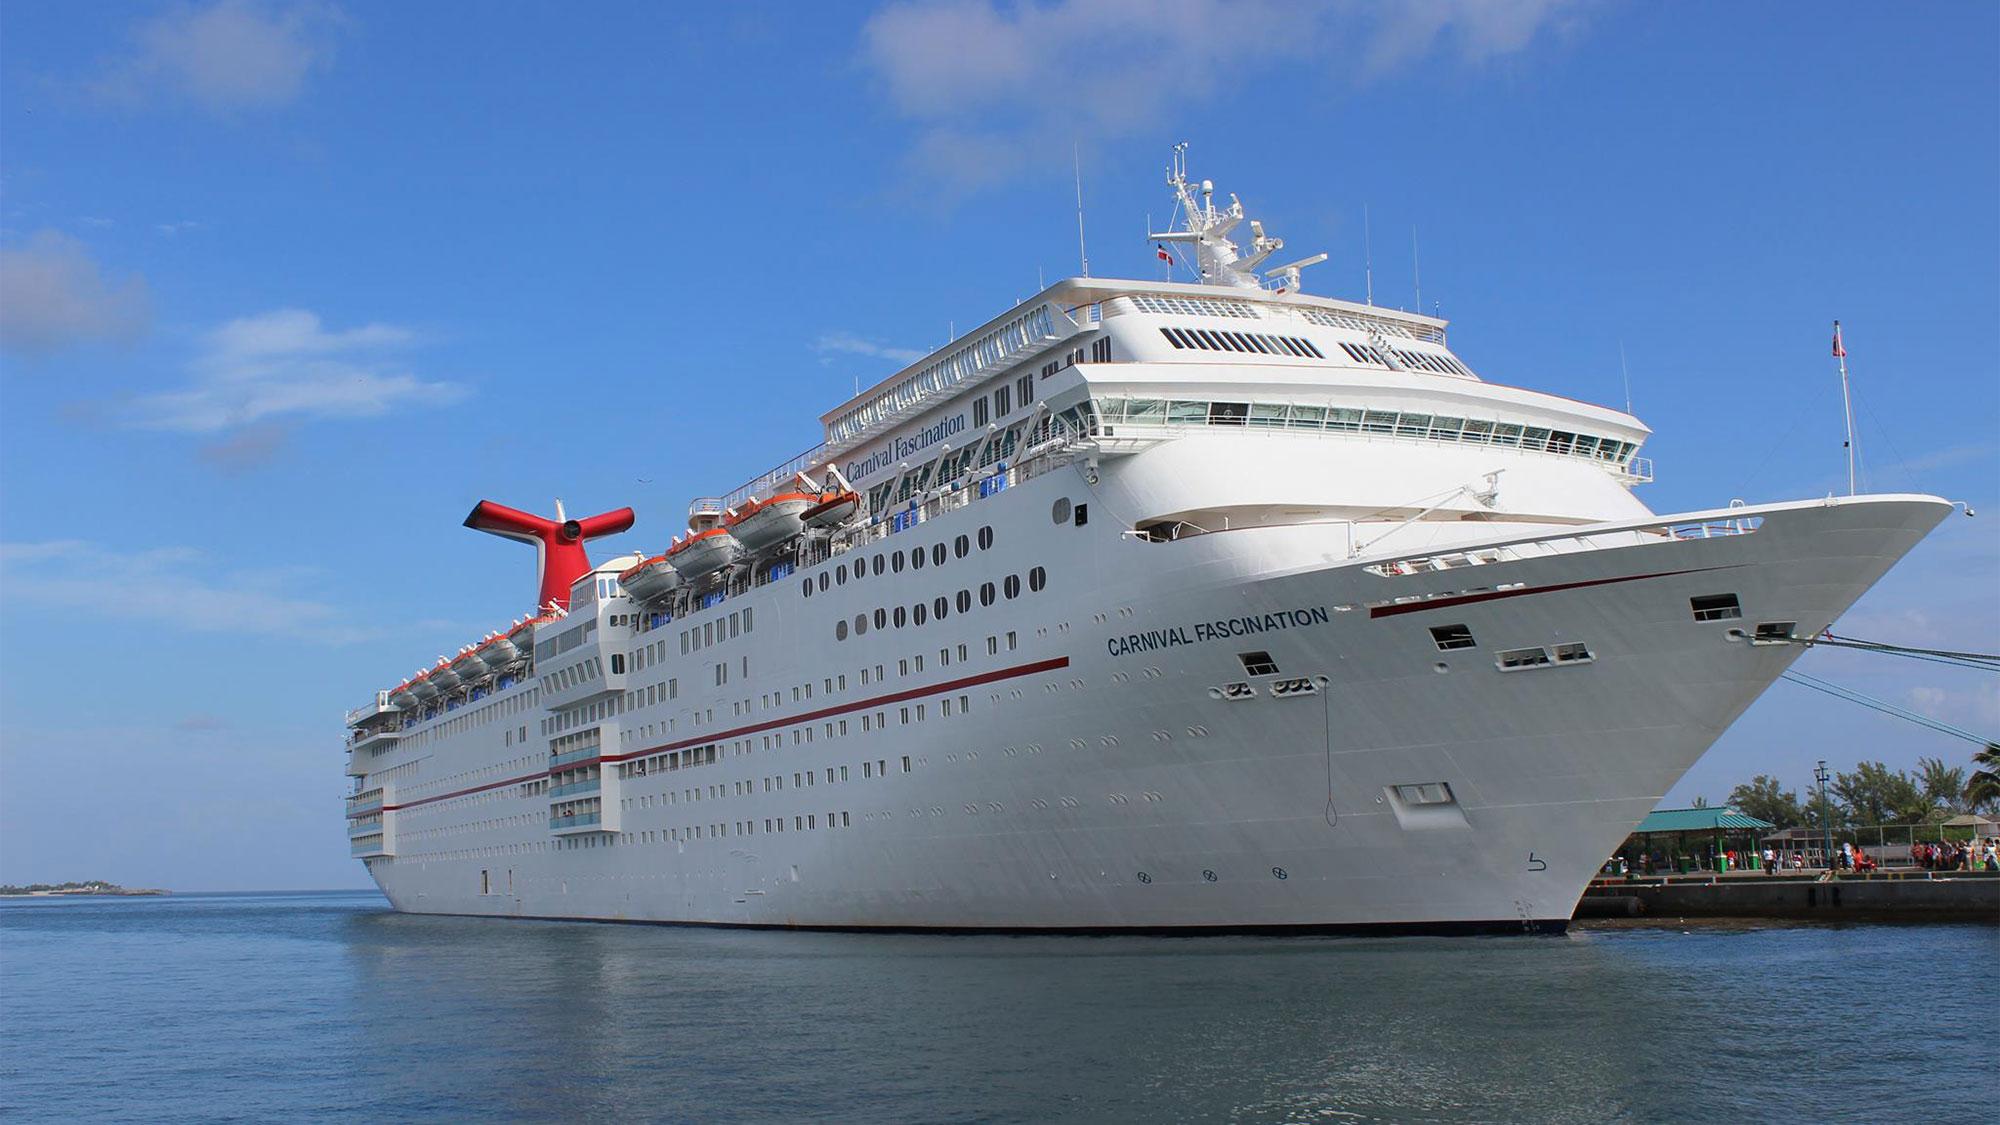 Carnival Fascination chartered to FEMA San Juan departures canceled